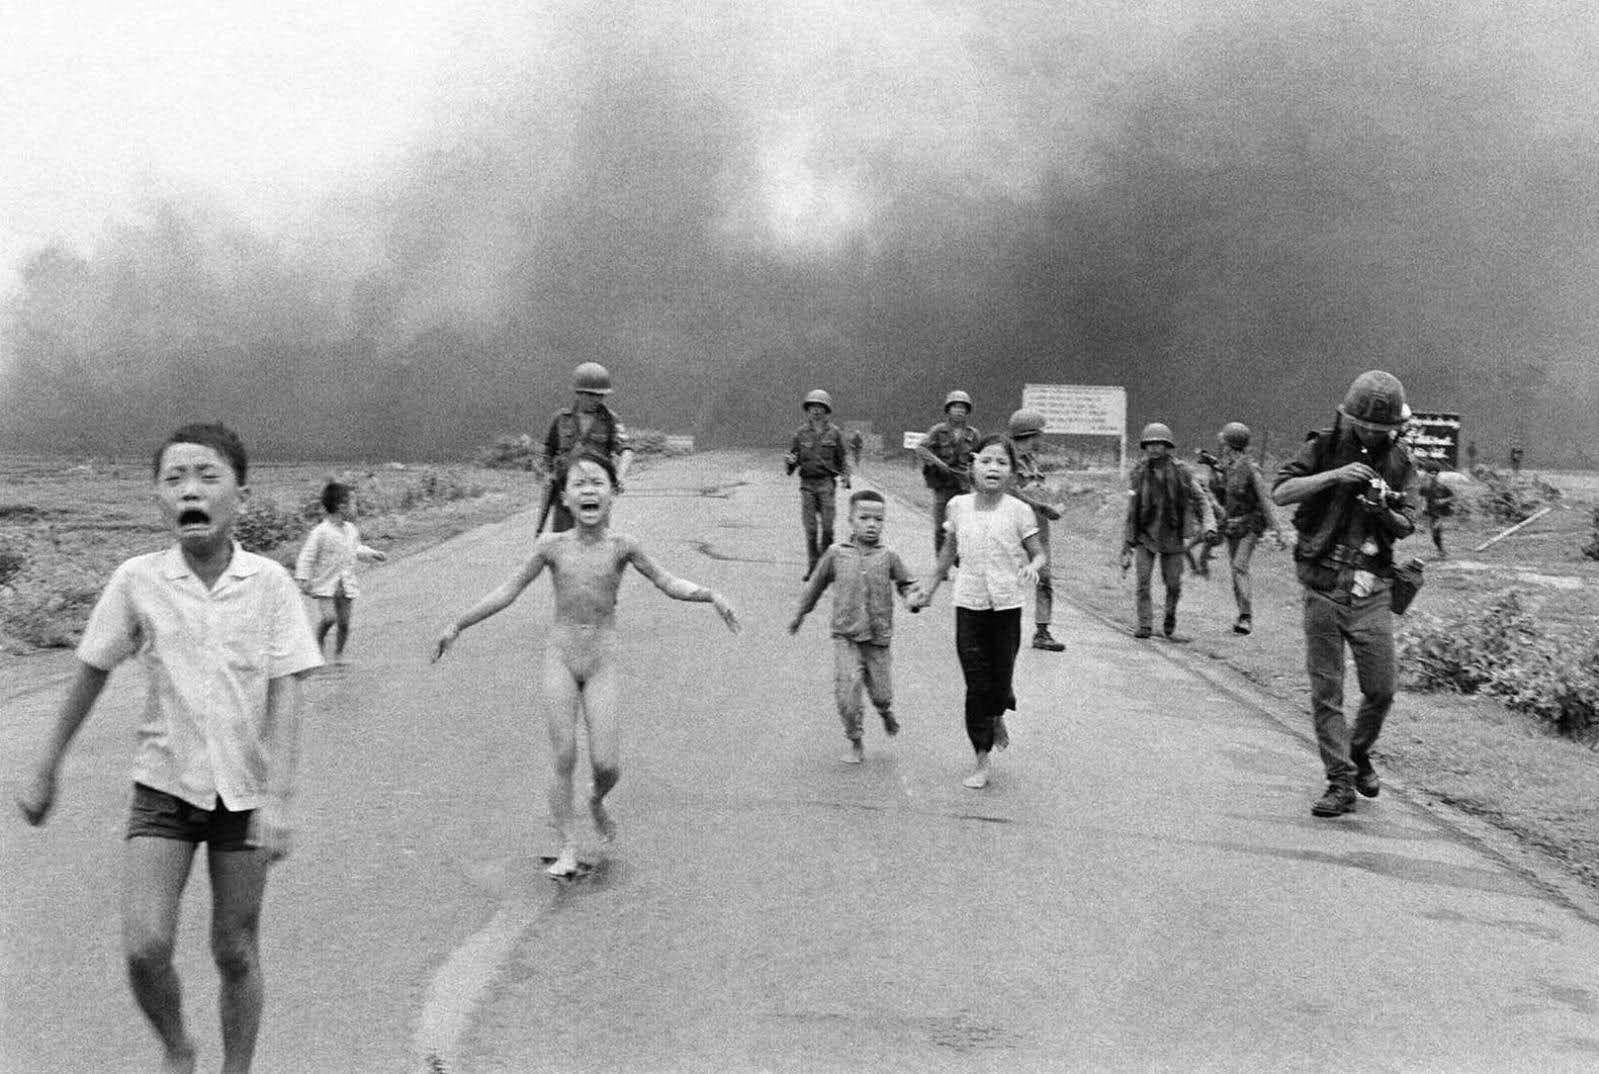 ¿En que guerra se tomó esta foto?